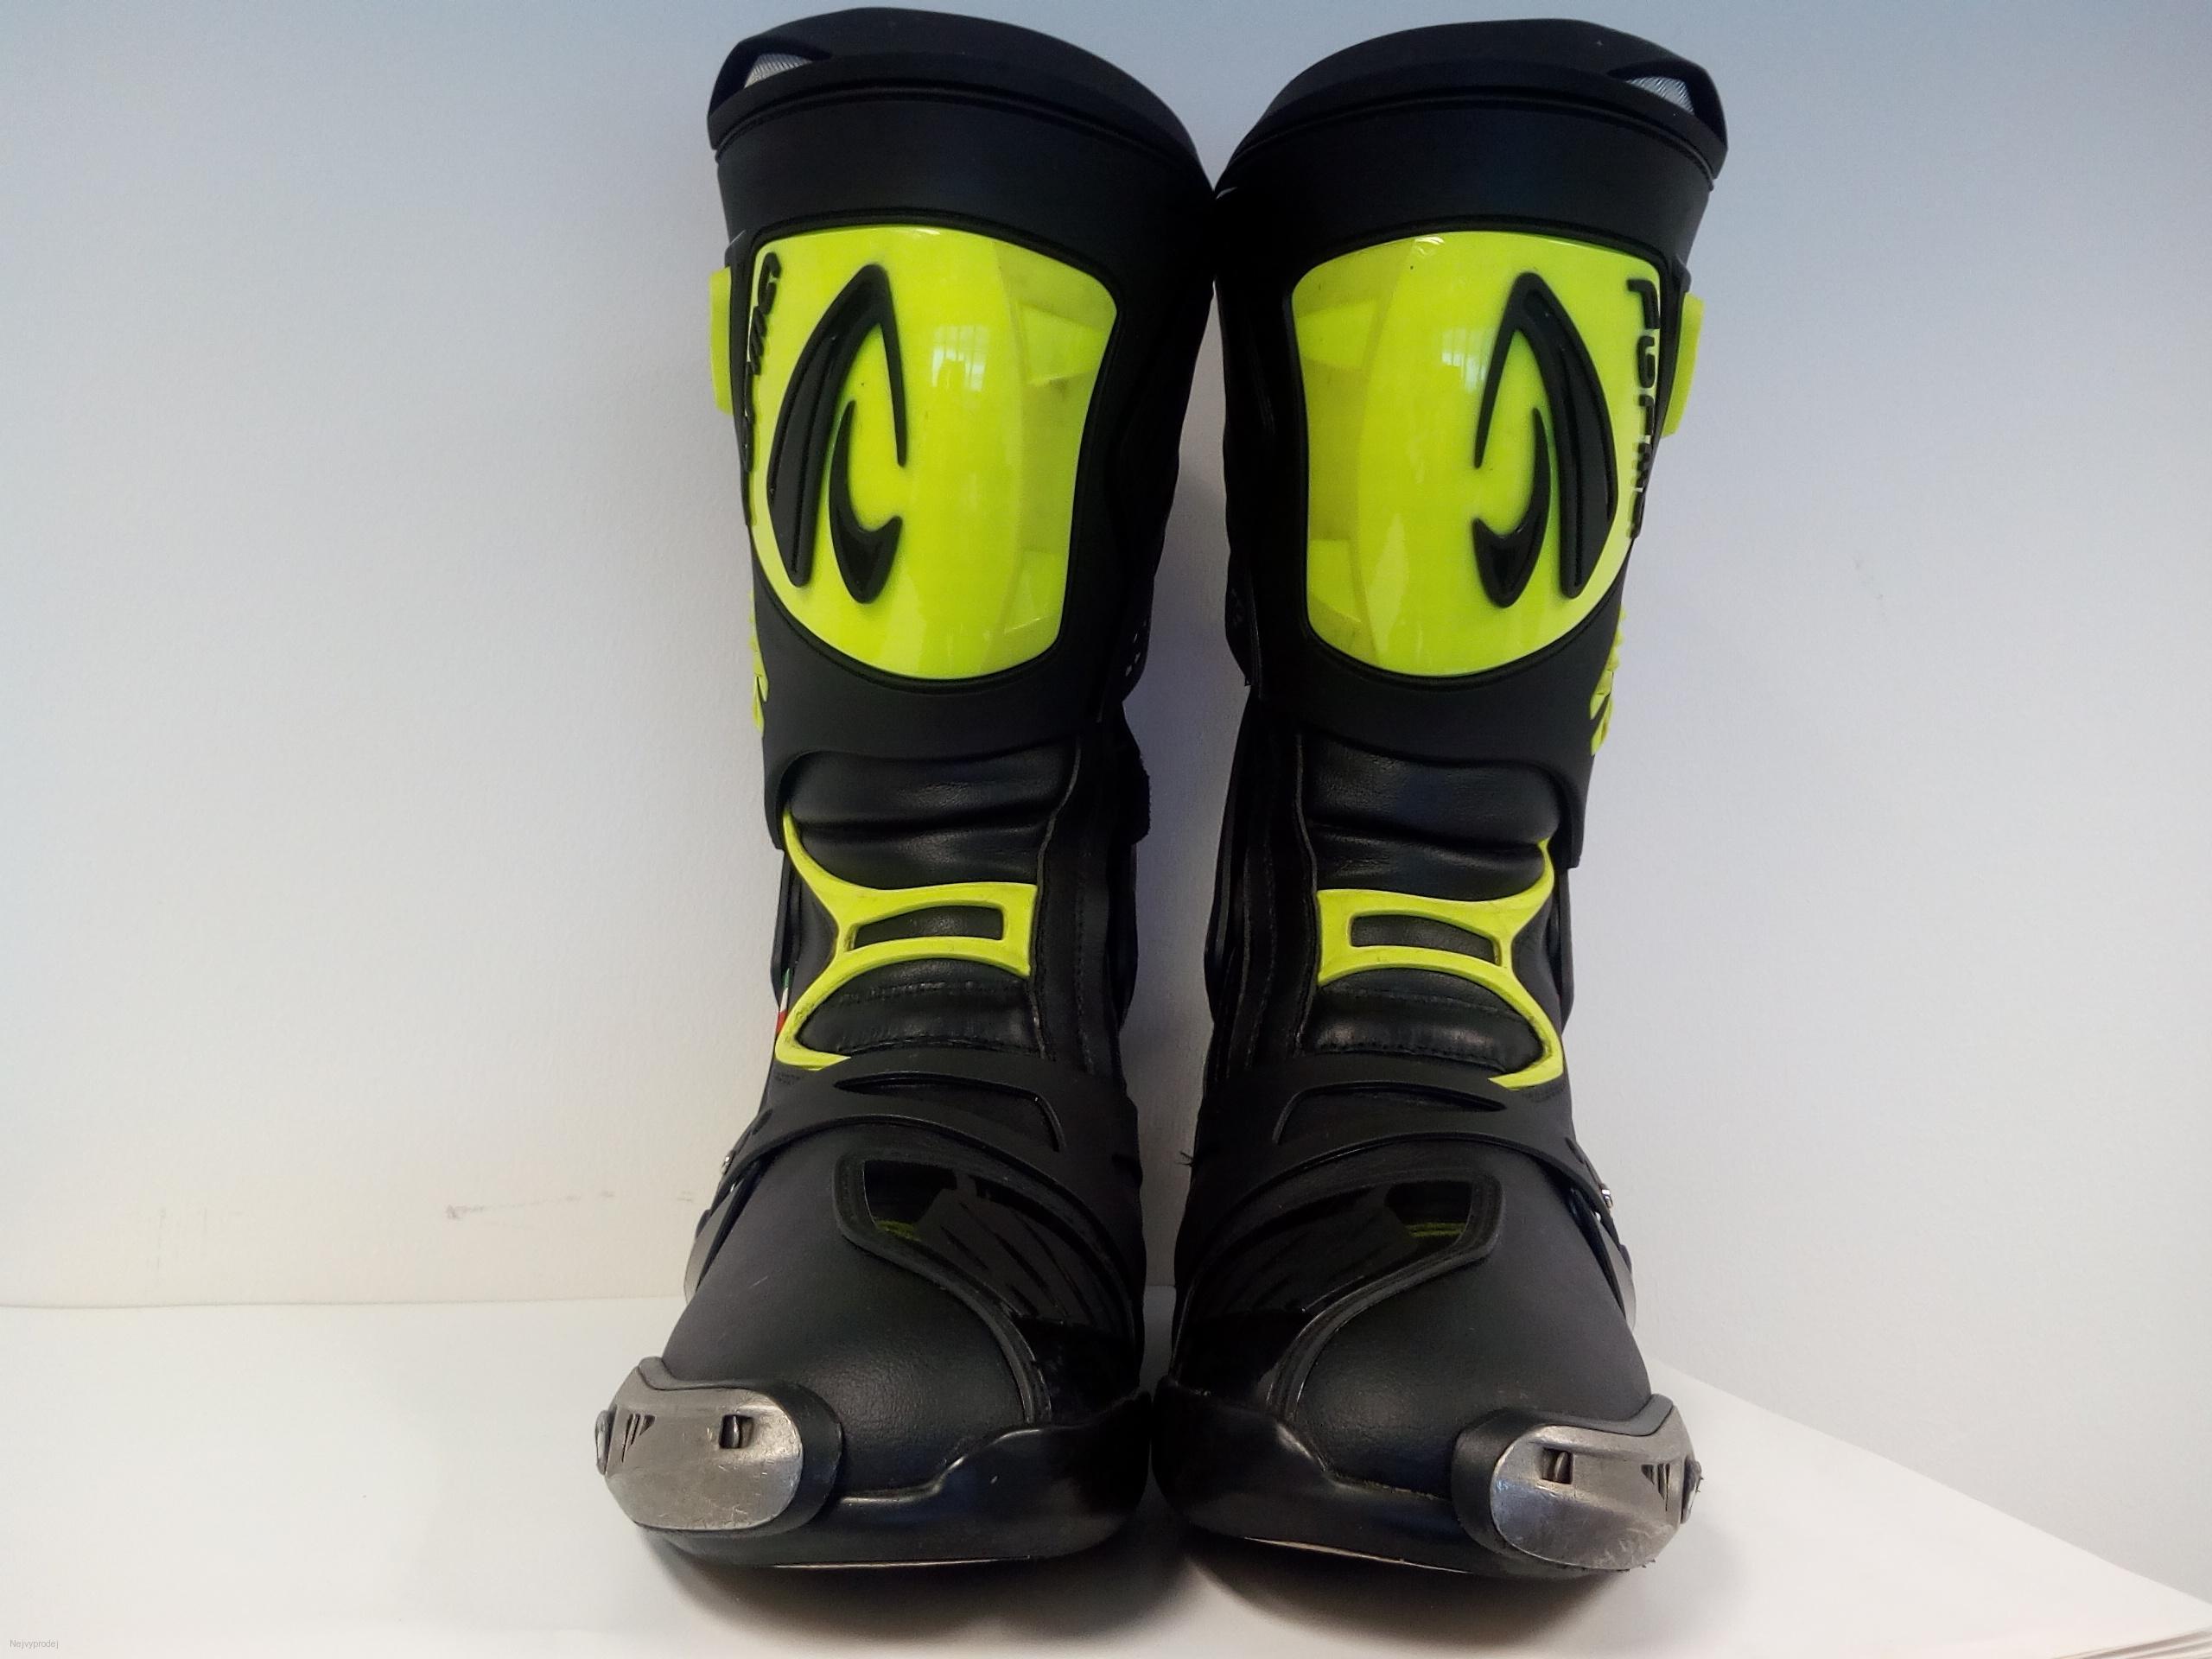 6711731579d Moto boty FORMA ICE PRO černo žluté fluo bazarové